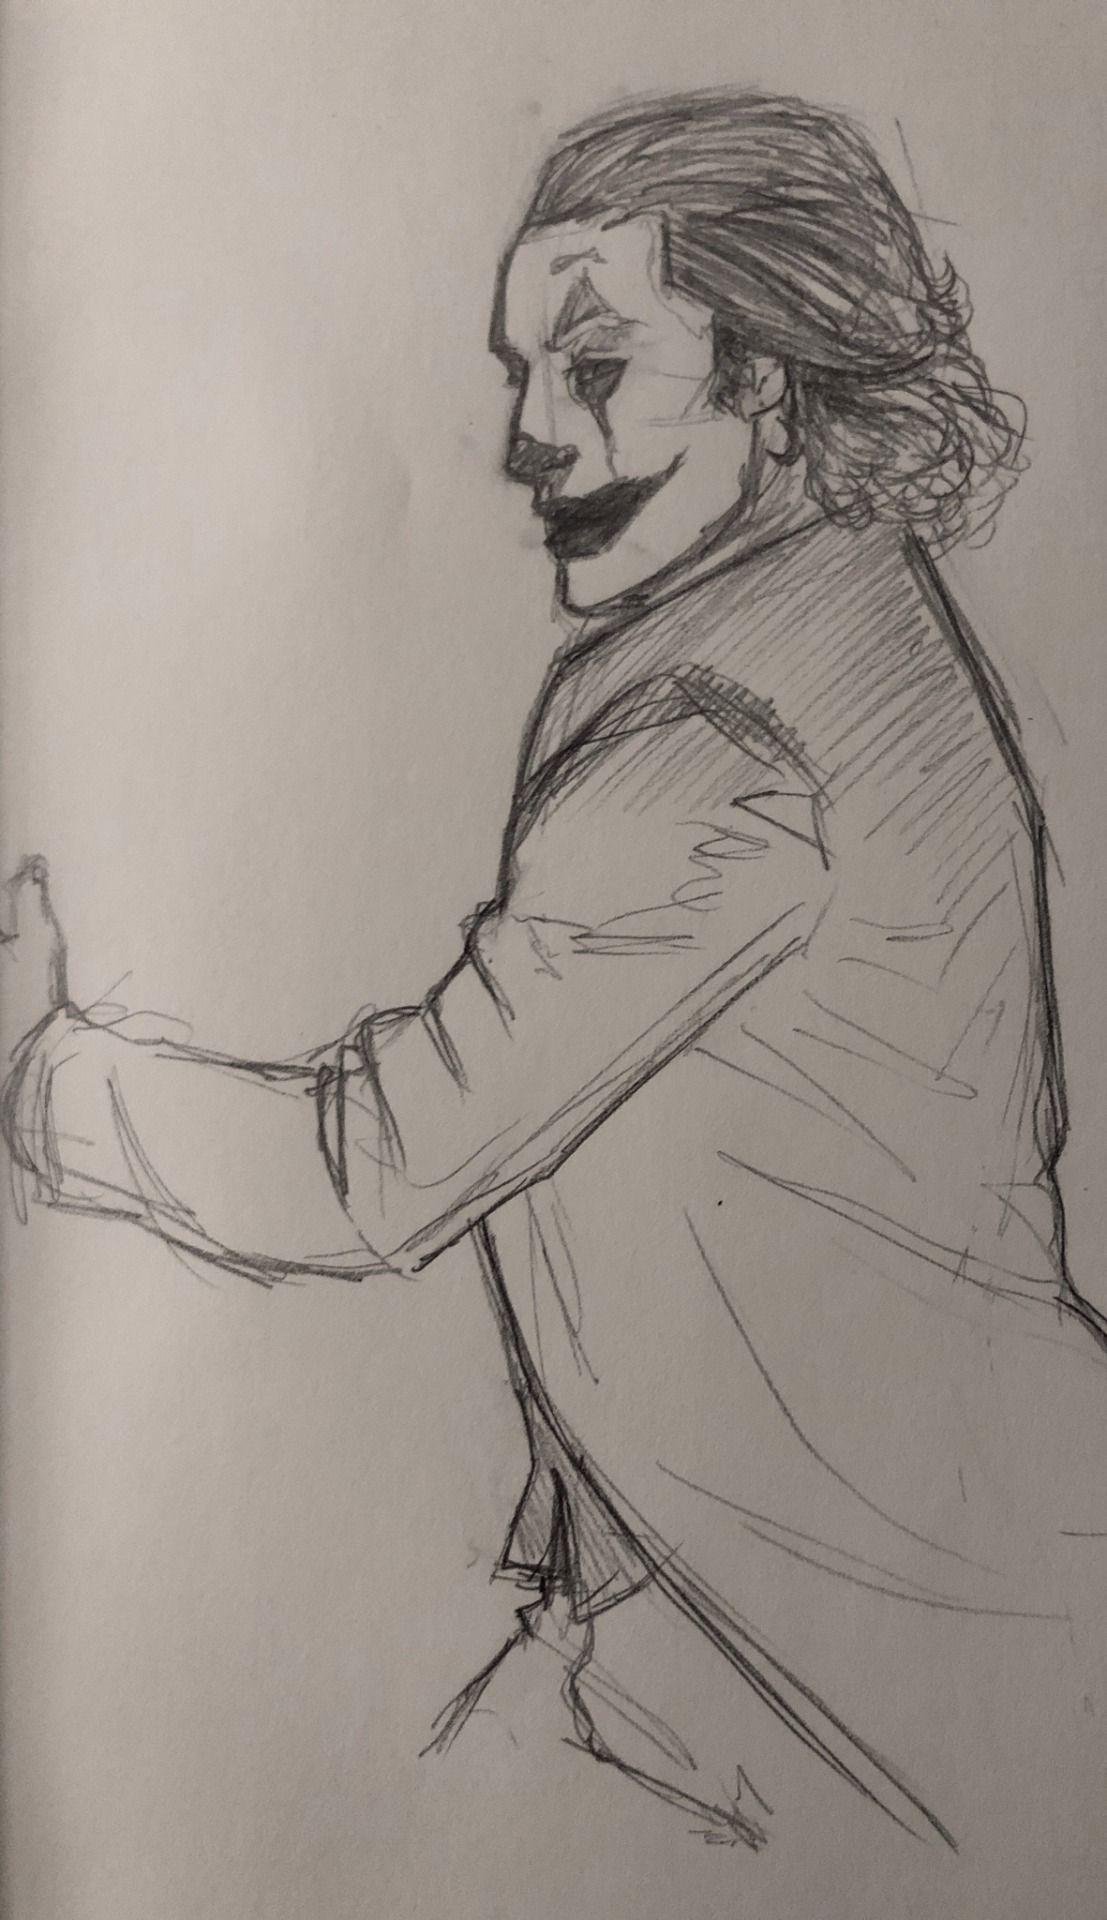 Supertwisty Joaquin Phoenix Joker Sketch Joker Sketch